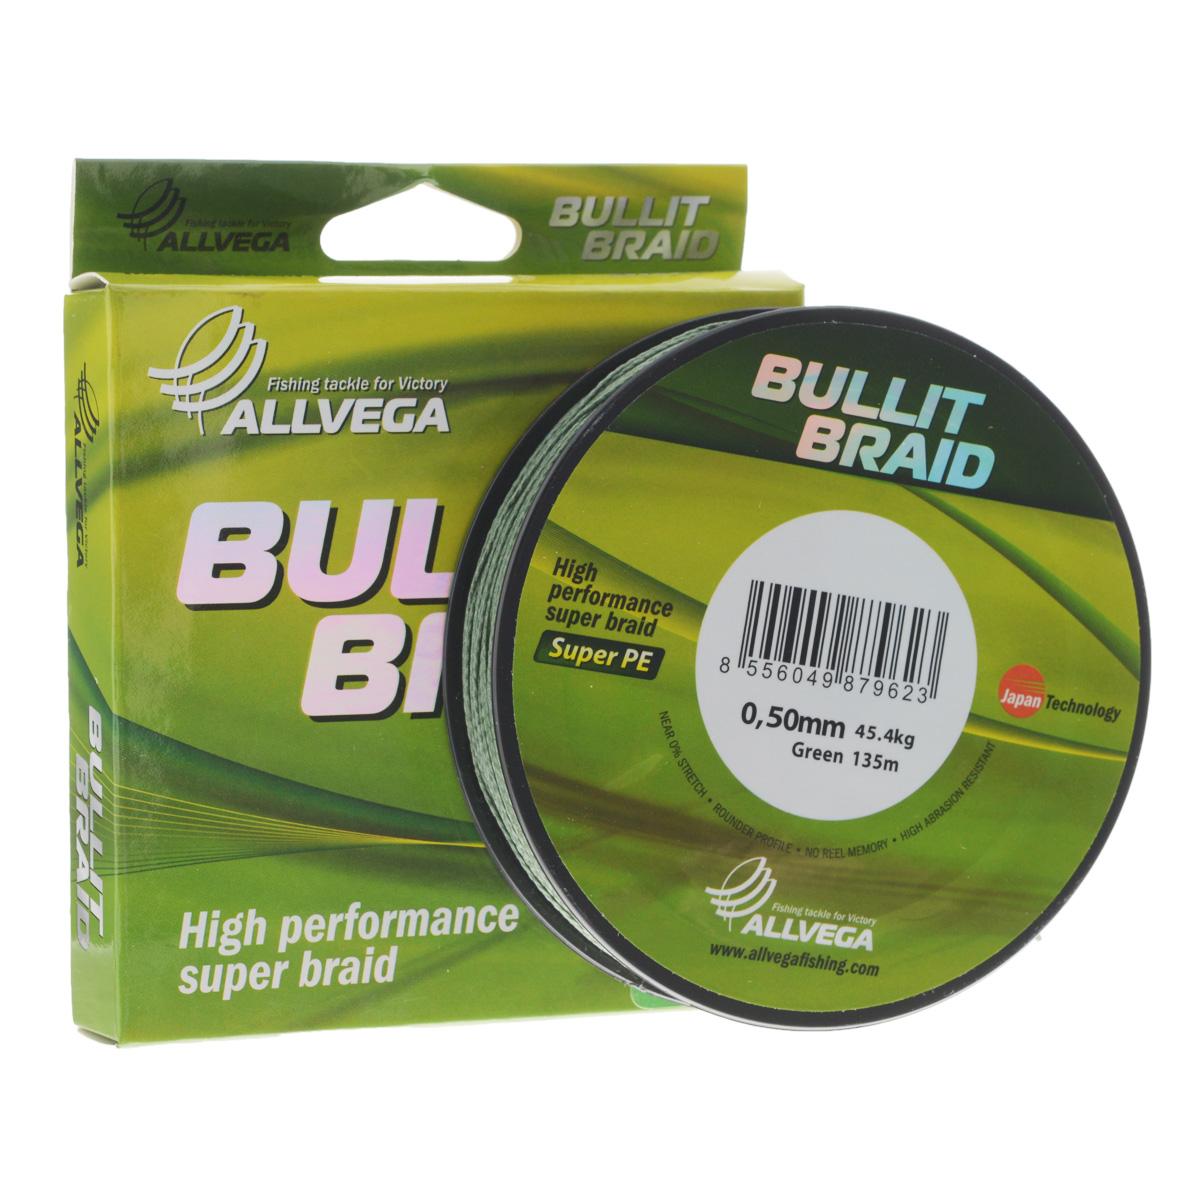 Леска плетеная Allvega Bullit Braid, цвет: темно-зеленый, 135 м, 0,50 мм, 45,4 кг32047Леска Allvega Bullit Braid с гладкой поверхностью и одинаковым сечением по всей длине обладает высокой износостойкостью. Благодаря микроволокнам полиэтилена (Super PE) леска имеет очень плотное плетение и не впитывает воду. Леску Allvega Bullit Braid можно применять в любых типах водоемов. Особенности: - повышенная износостойкость; - высокая чувствительность - коэффициент растяжения близок к нулю; - отсутствует память; - идеально гладкая поверхность позволяет увеличить дальность забросов; - высокая прочность шнура на узлах.